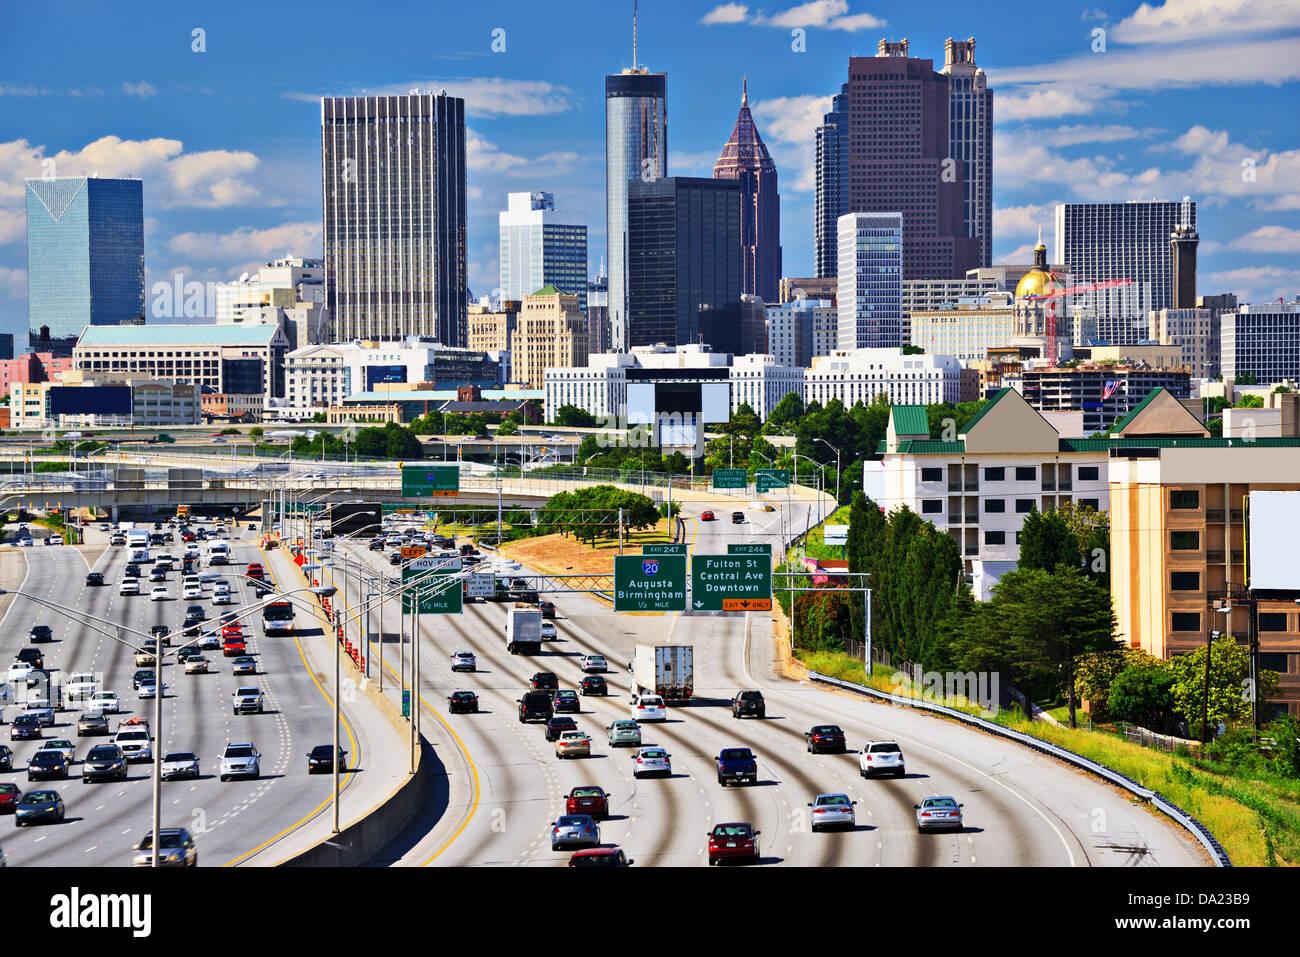 Skyline der Innenstadt von Atlanta, Georgia. Stockbild